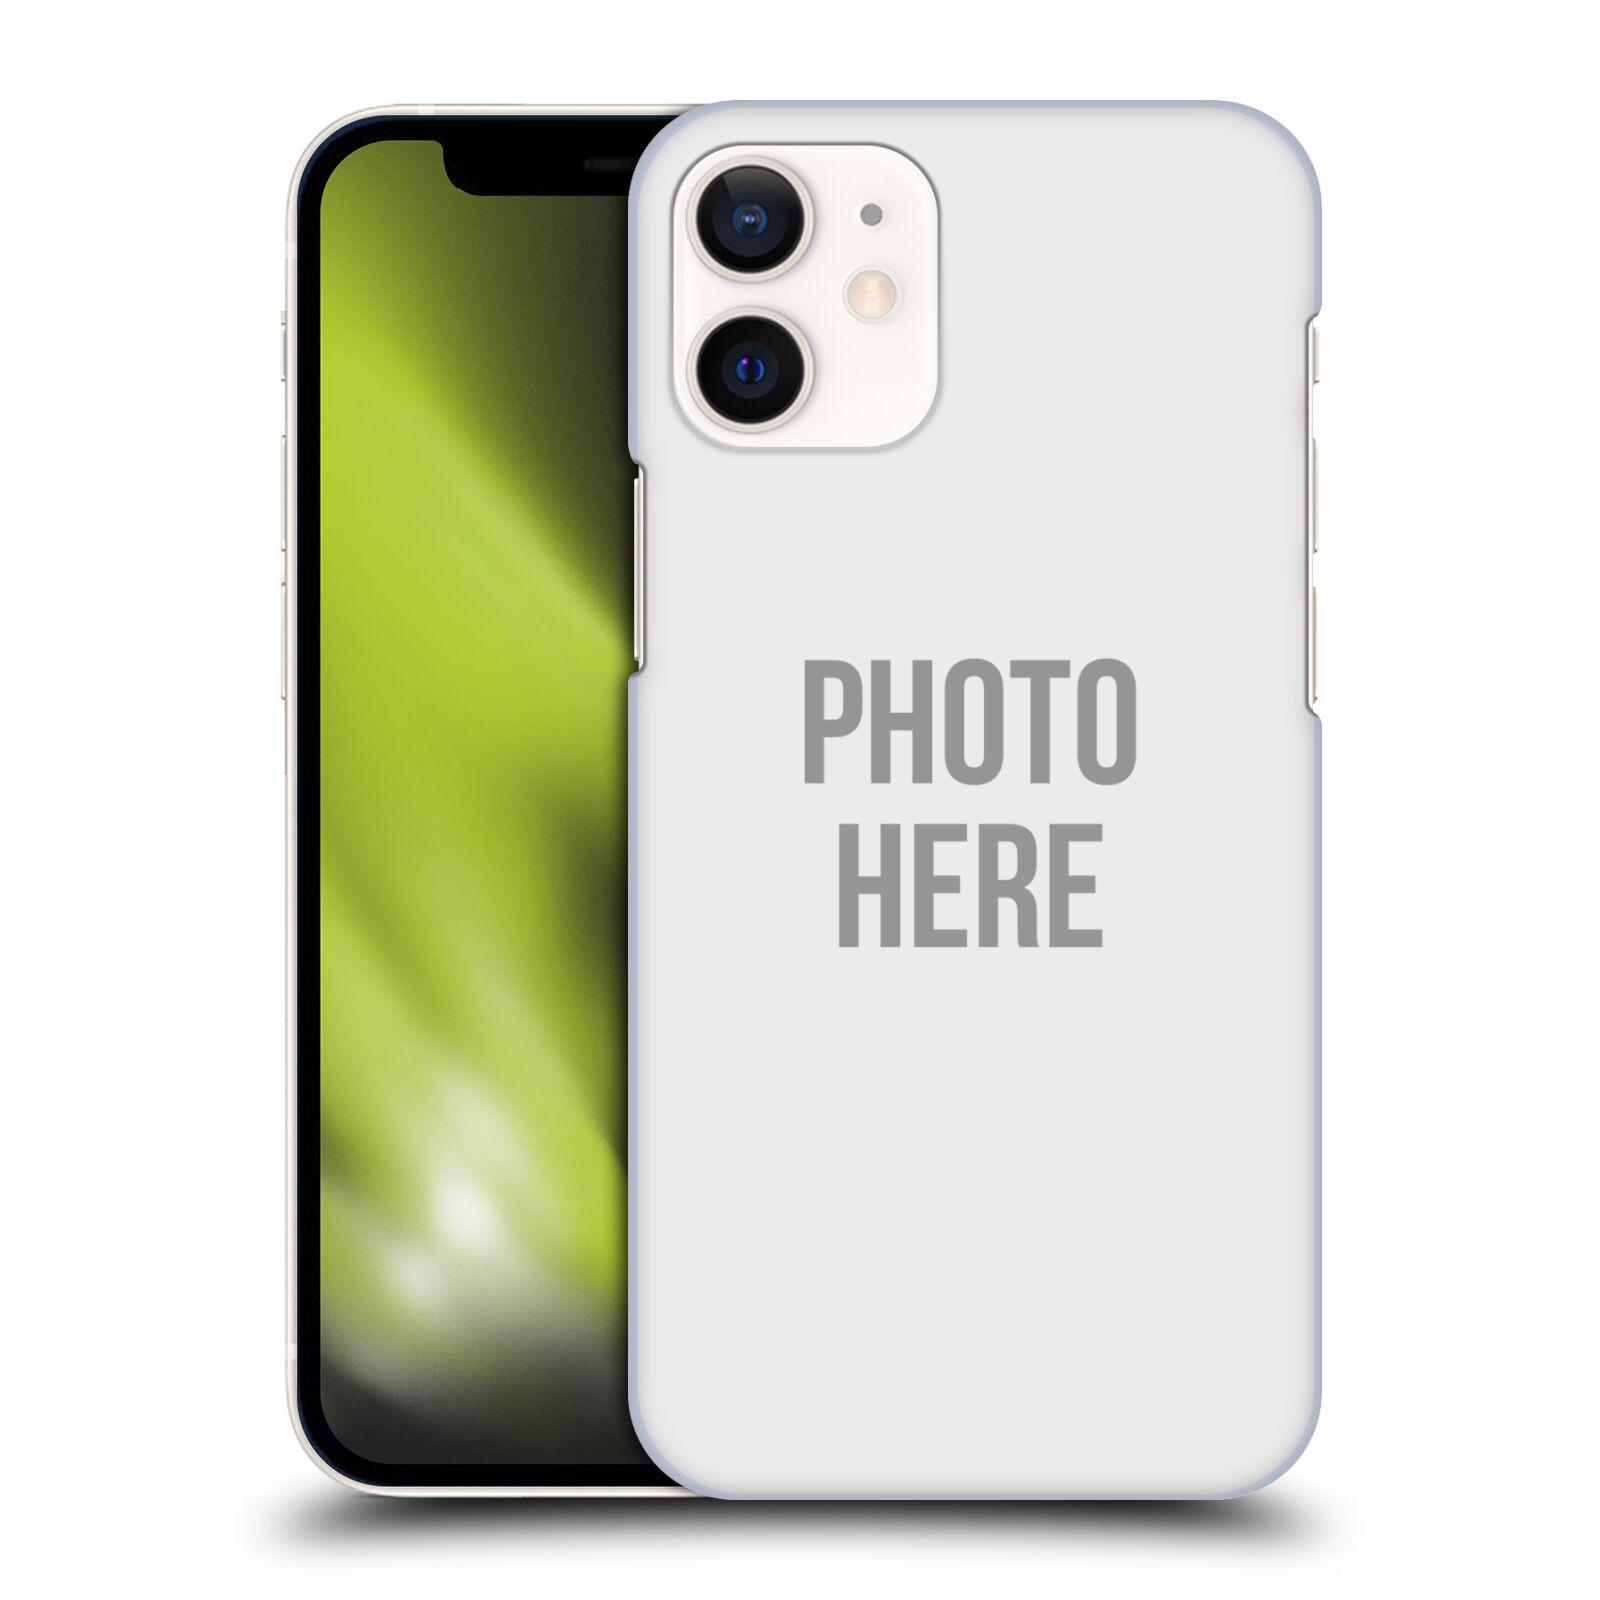 Plastové pouzdro na mobil Apple iPhone 12 Mini s vlastním motivem